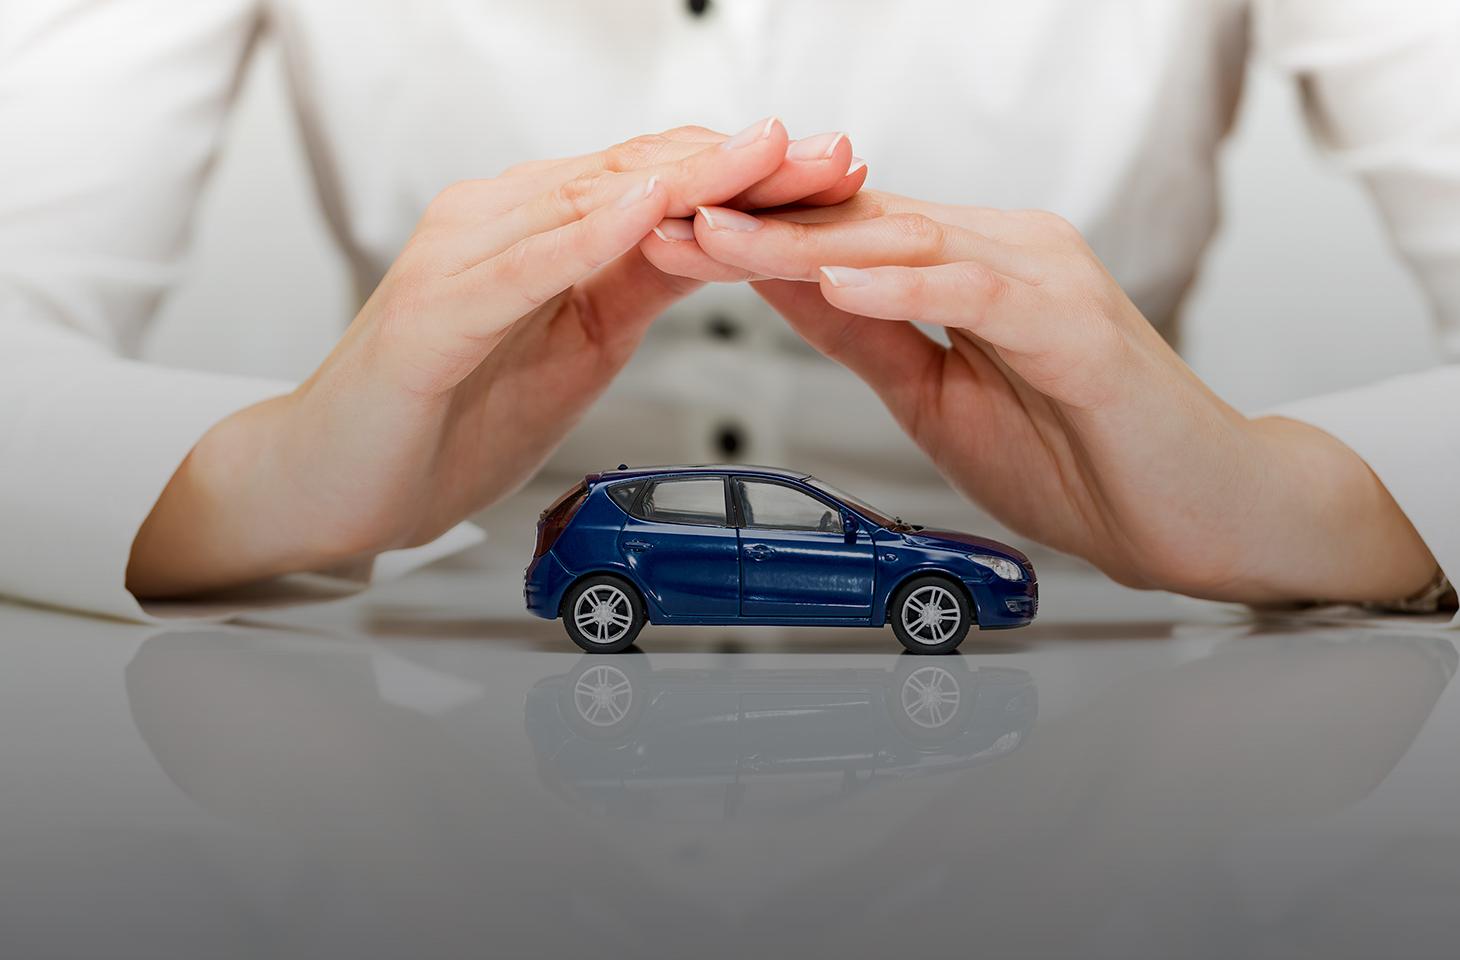 Cómo contratar un seguro de auto 2